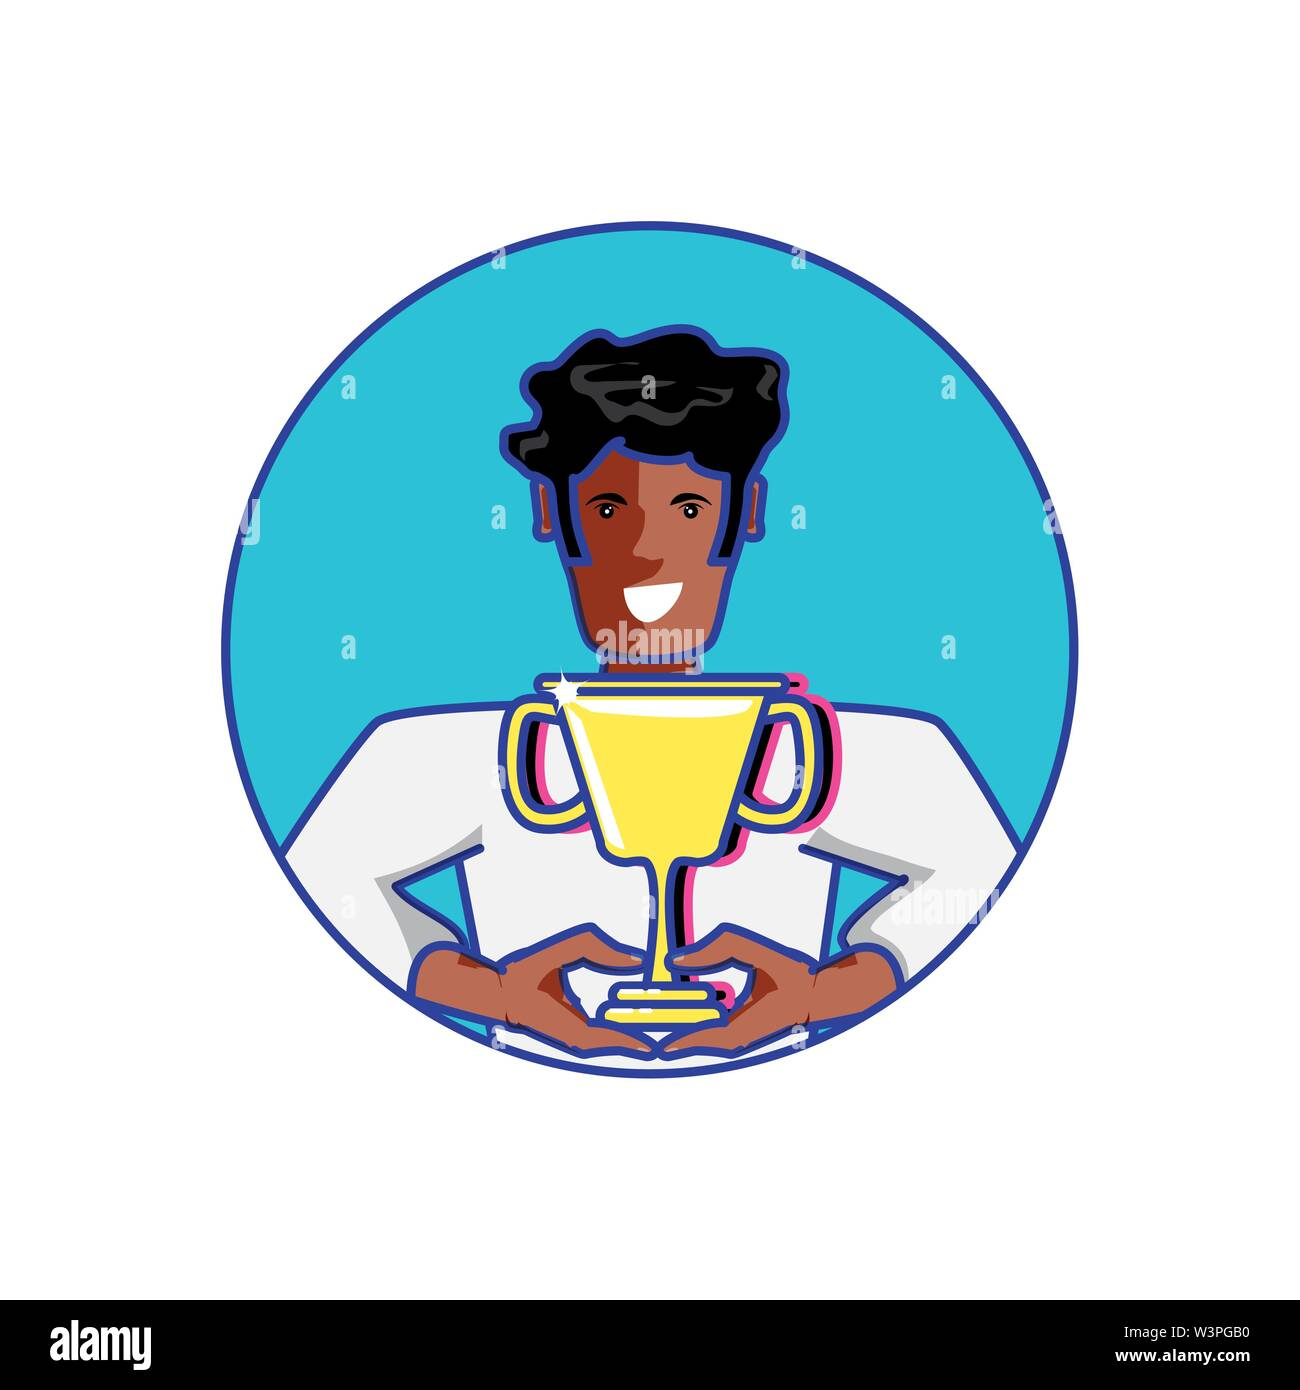 Ganador del premio afro con el Trofeo Copa diseño ilustración vectorial Imagen De Stock